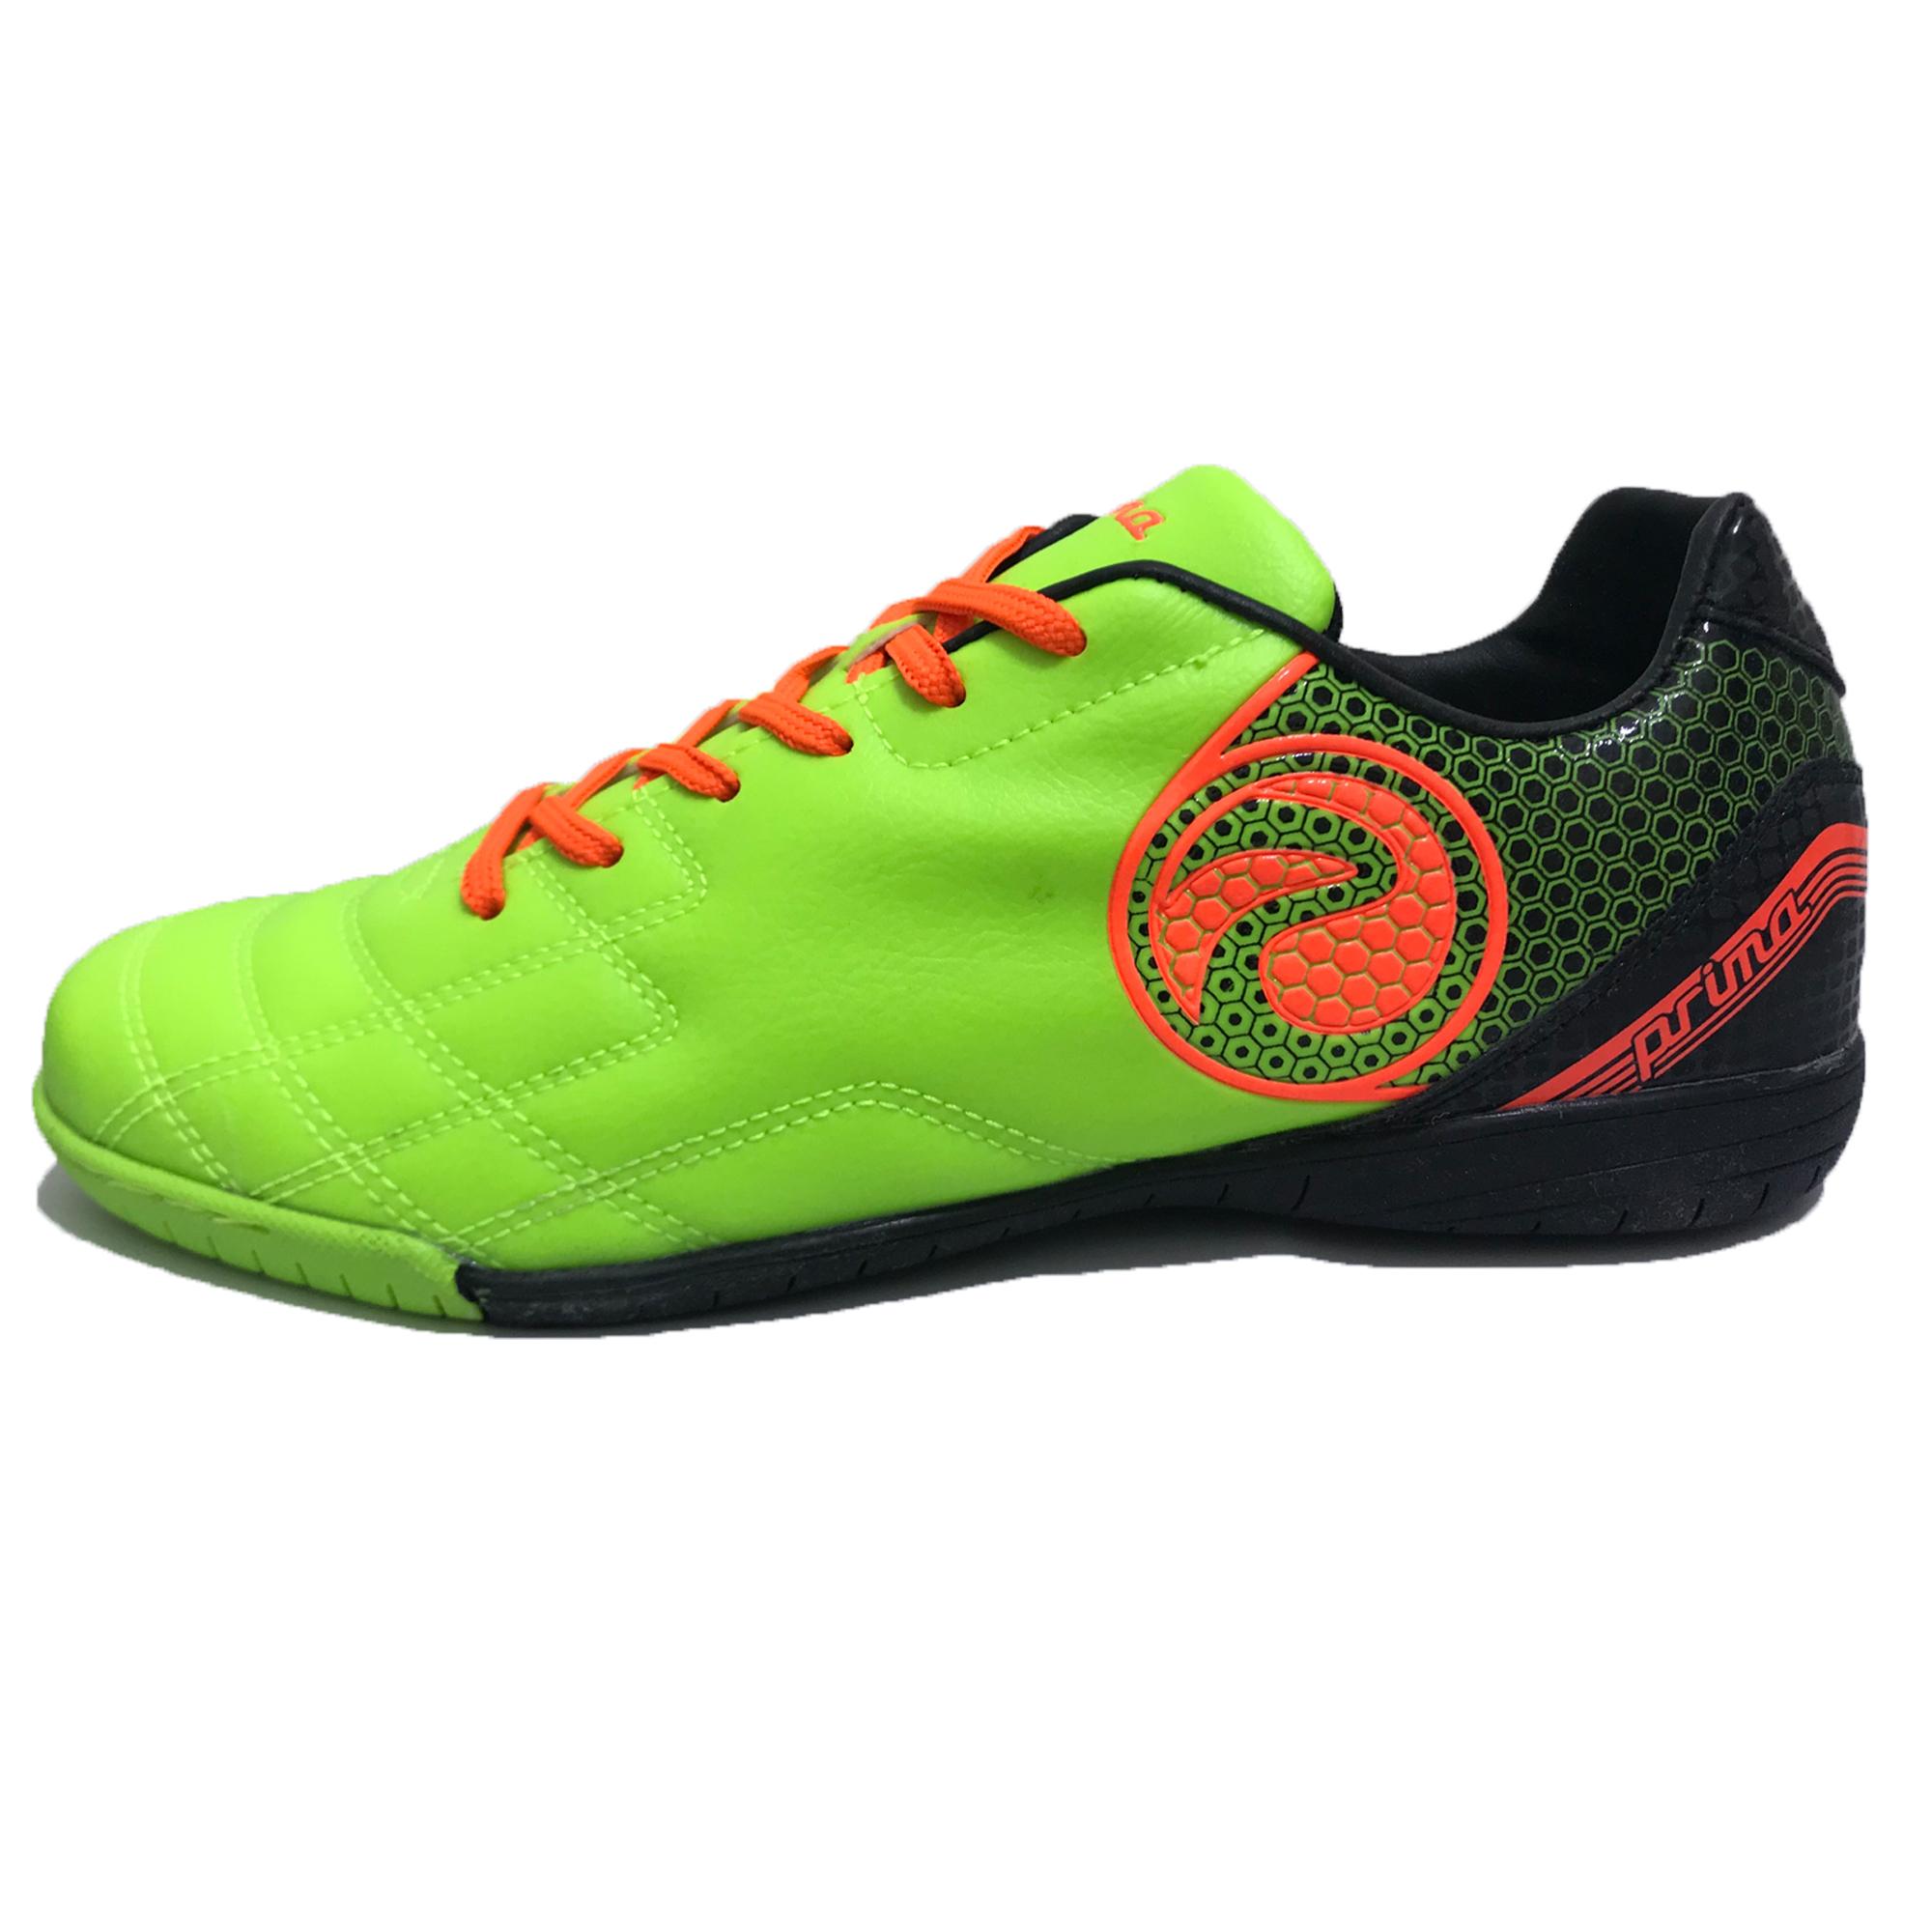 قیمت کفش فوتسال مردانه پریما مدل GRB